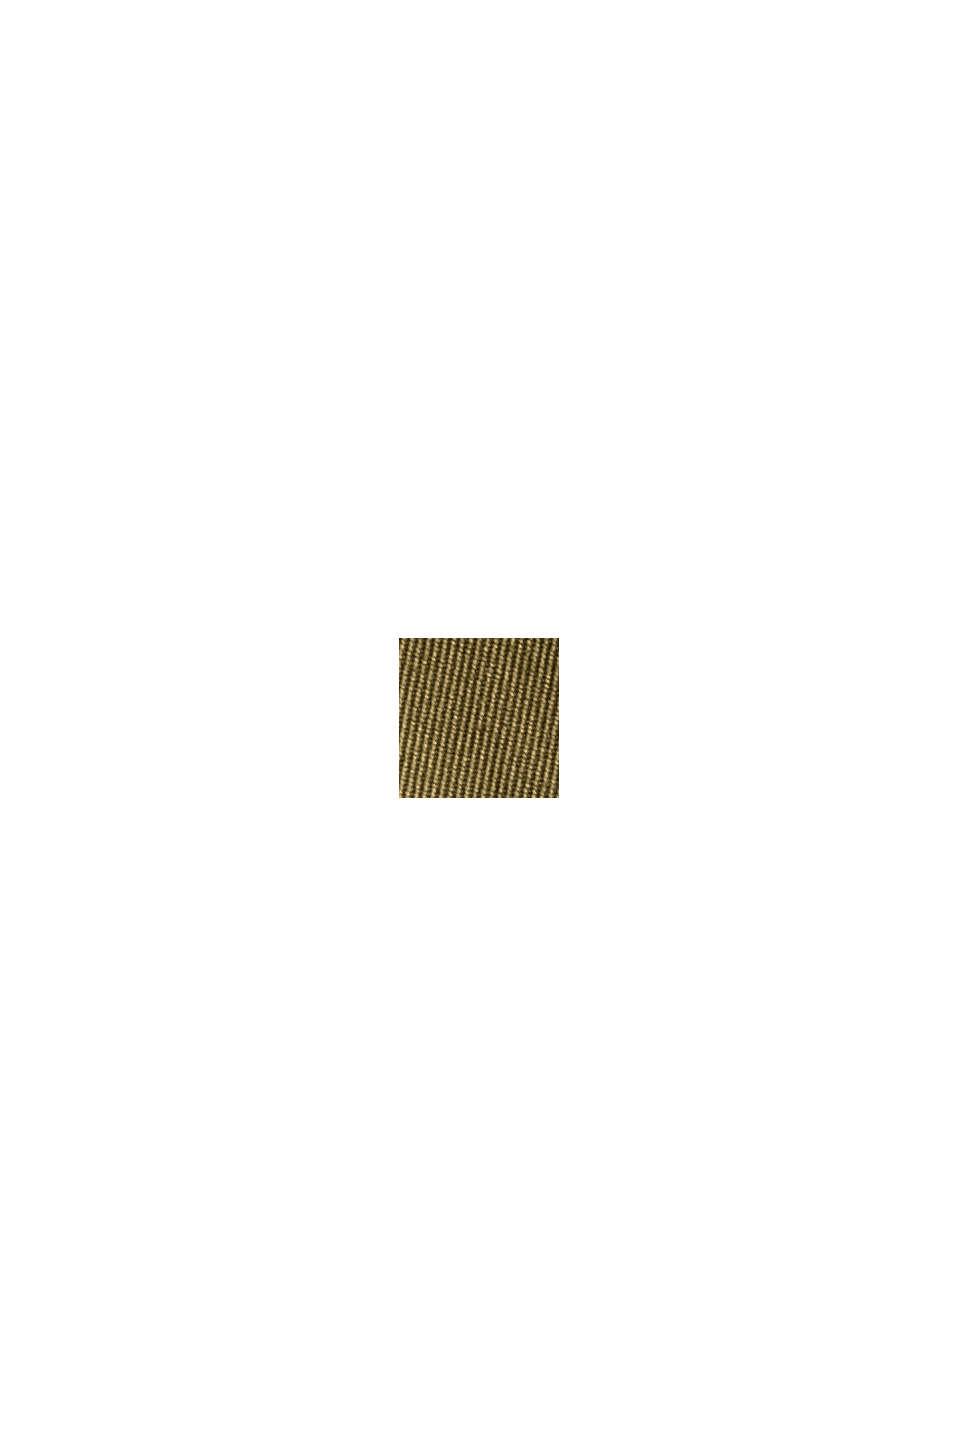 Chino à taille élastique en coton biologique mélangé, LIGHT KHAKI, swatch